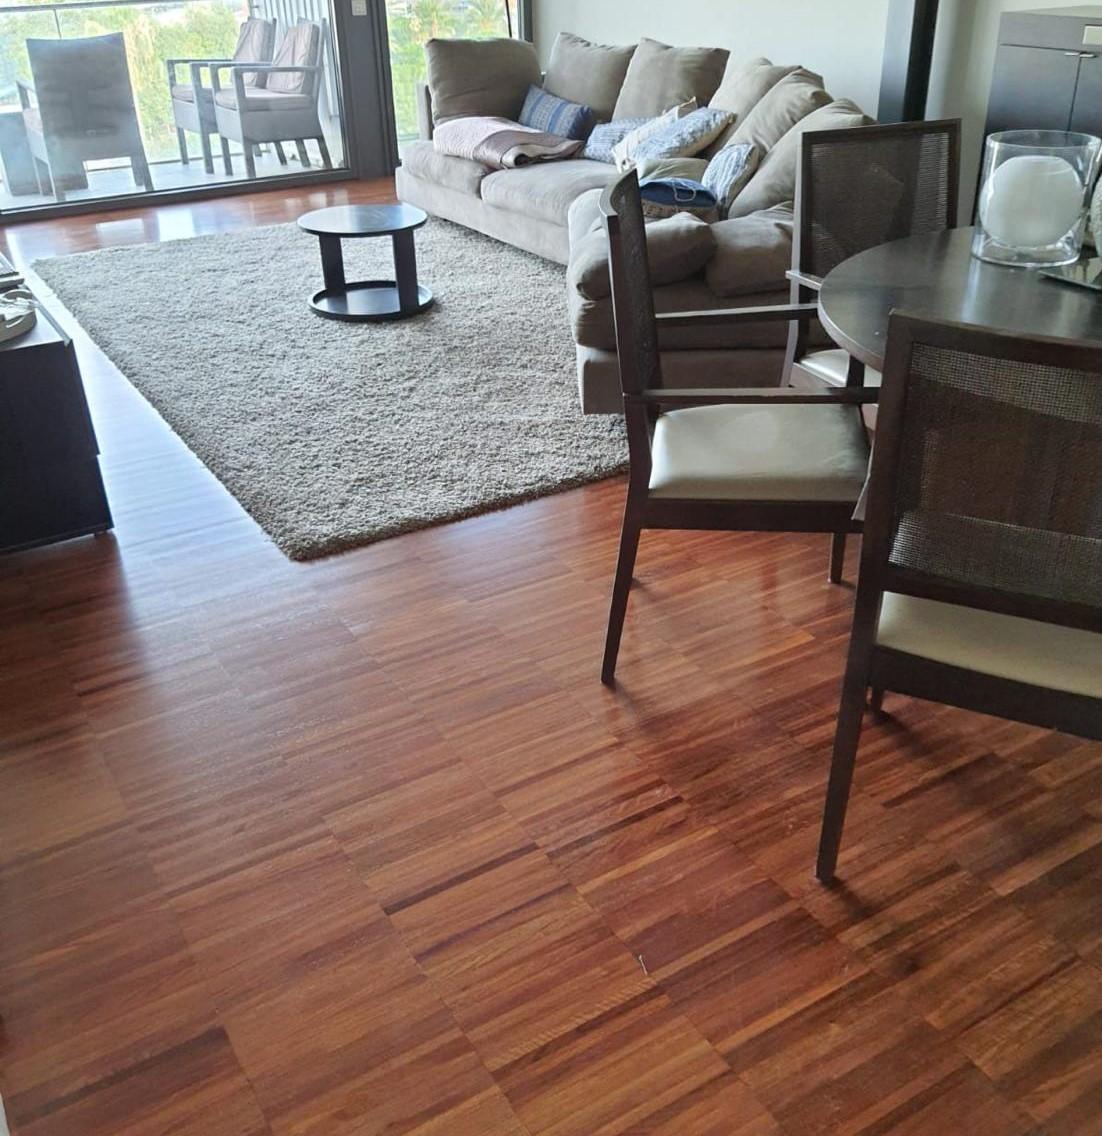 que es mejor suelo laminado o parquet